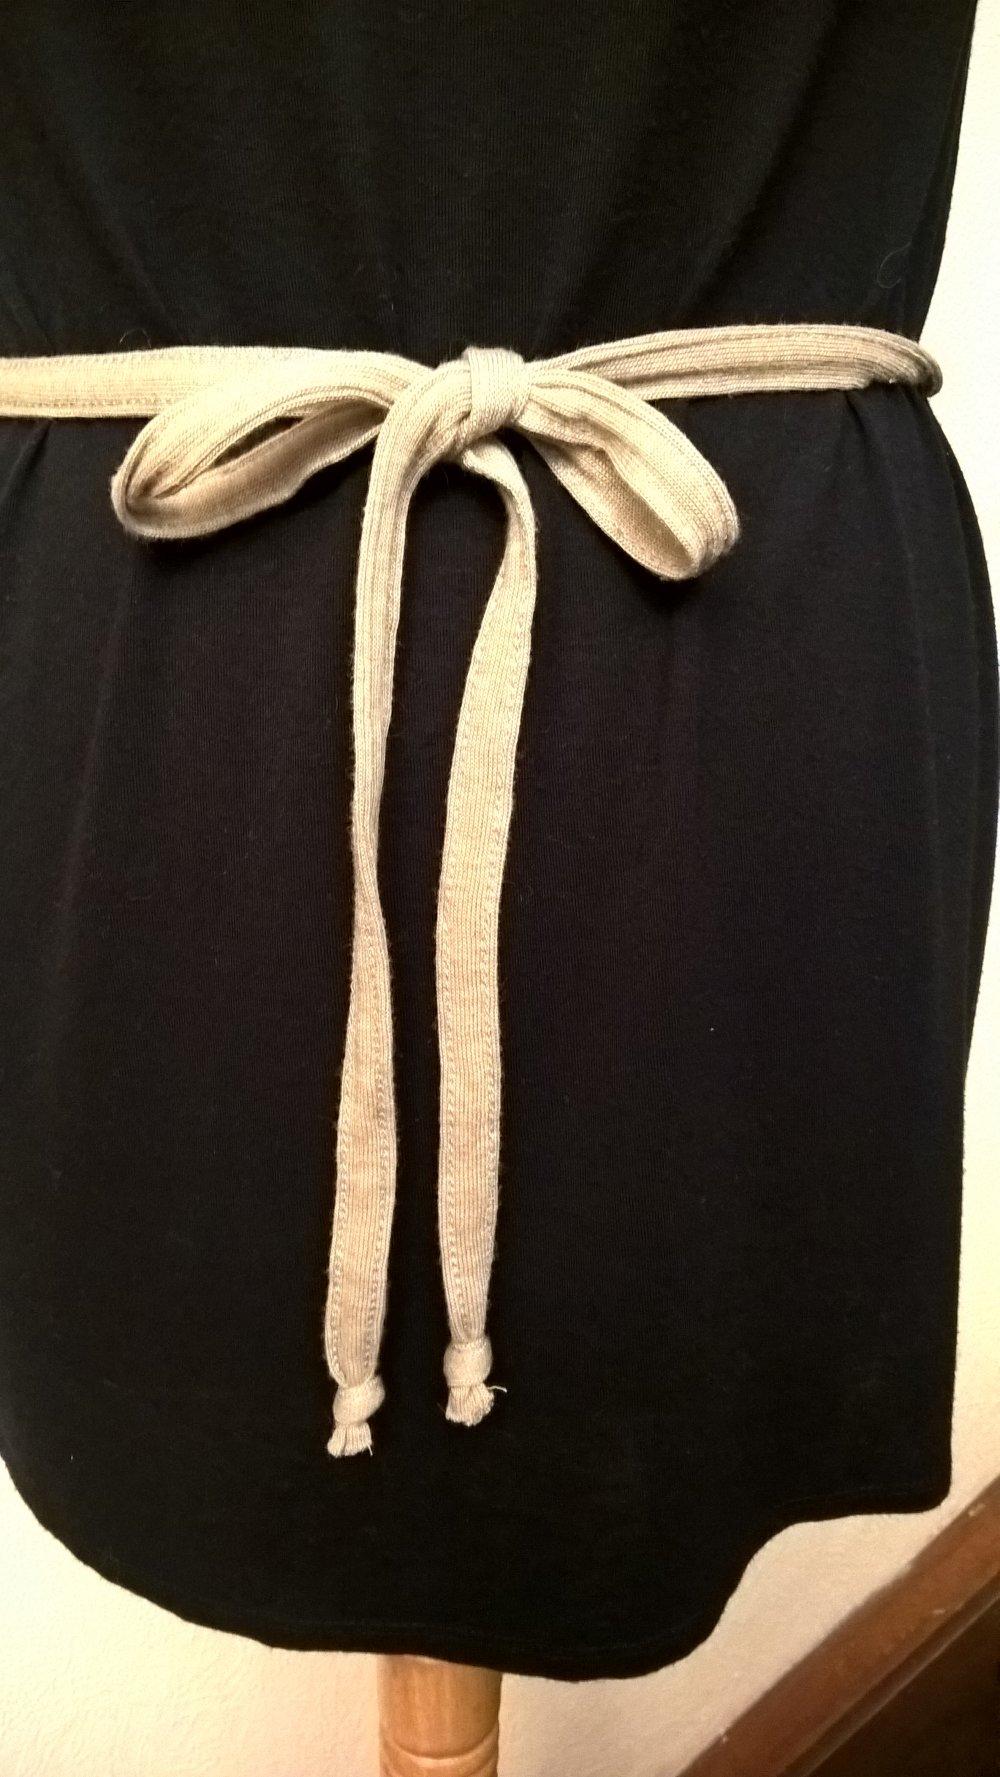 Ceinture femme,ceinture en maille fine,de viscose et coton,couleur beige,cadeau femme,cadeau fille,accessoires